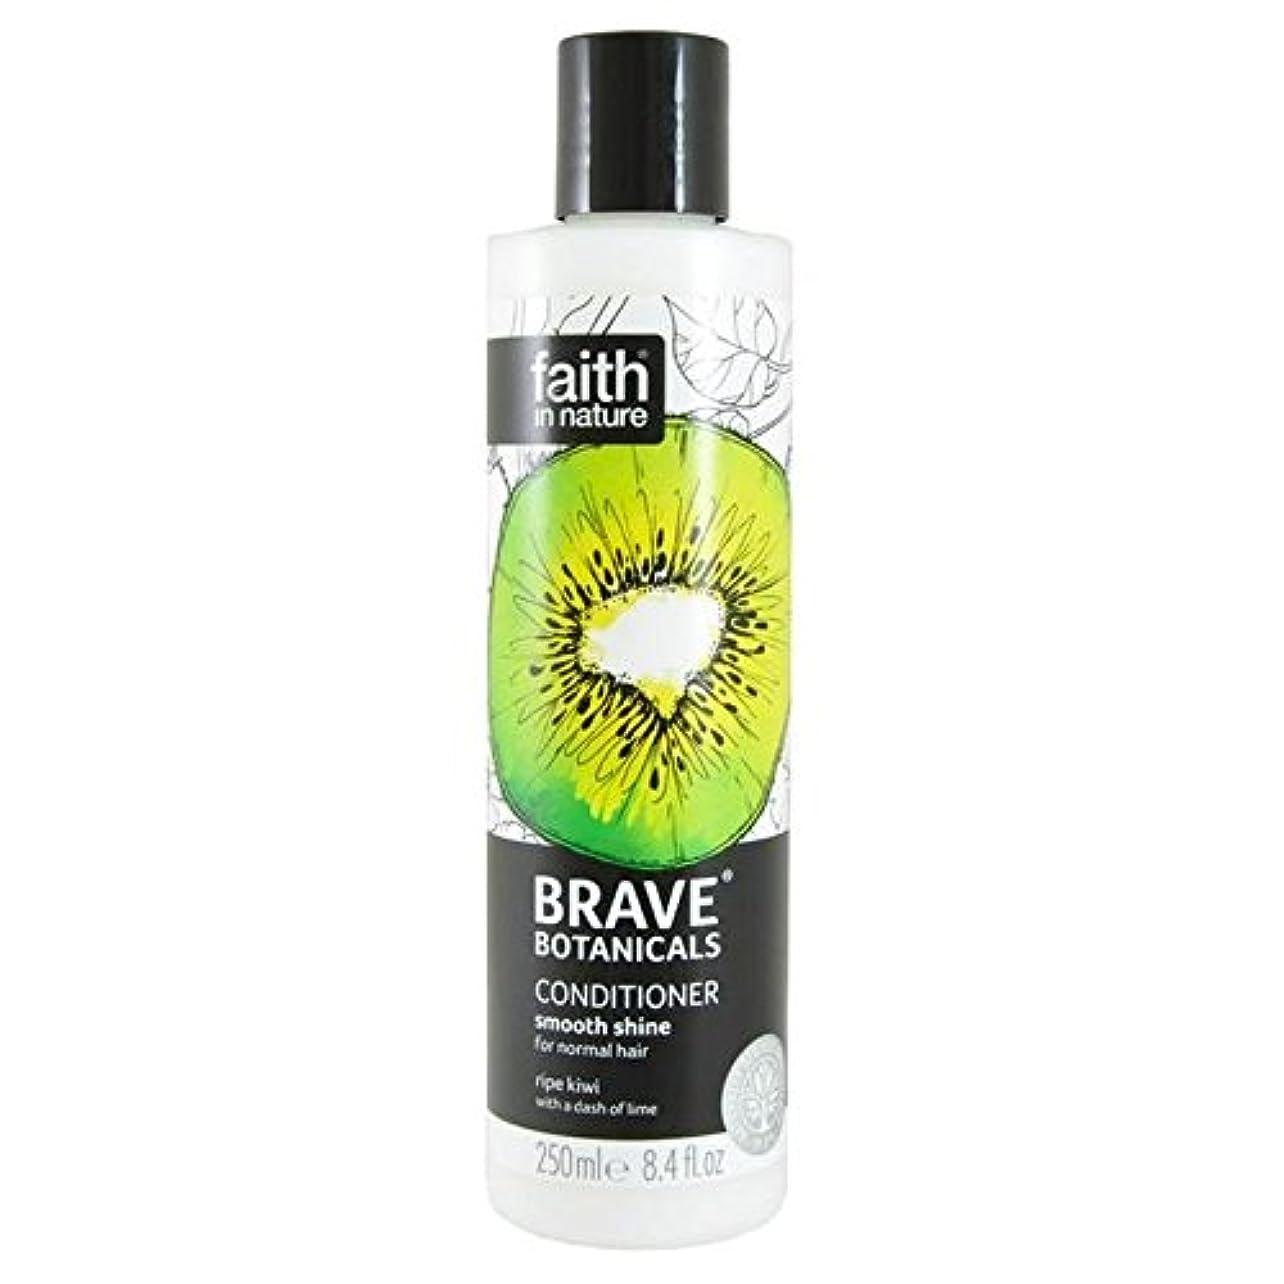 棚オペラ完全にBrave Botanicals Kiwi & Lime Smooth Shine Conditioner 250ml (Pack of 2) - (Faith In Nature) 勇敢な植物キウイ&ライムなめらかな輝...